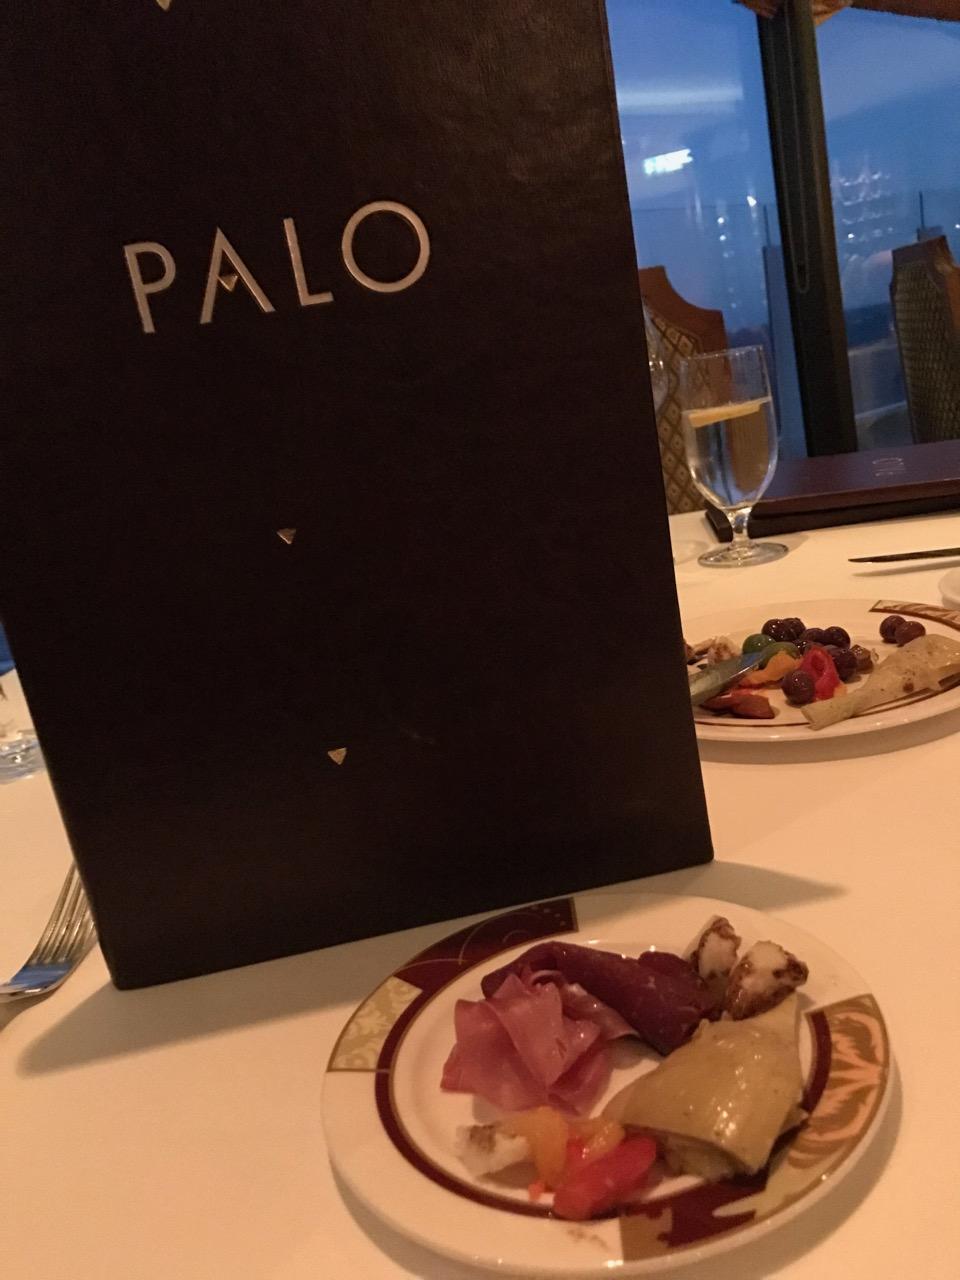 Disney Dream Palo Appetizers